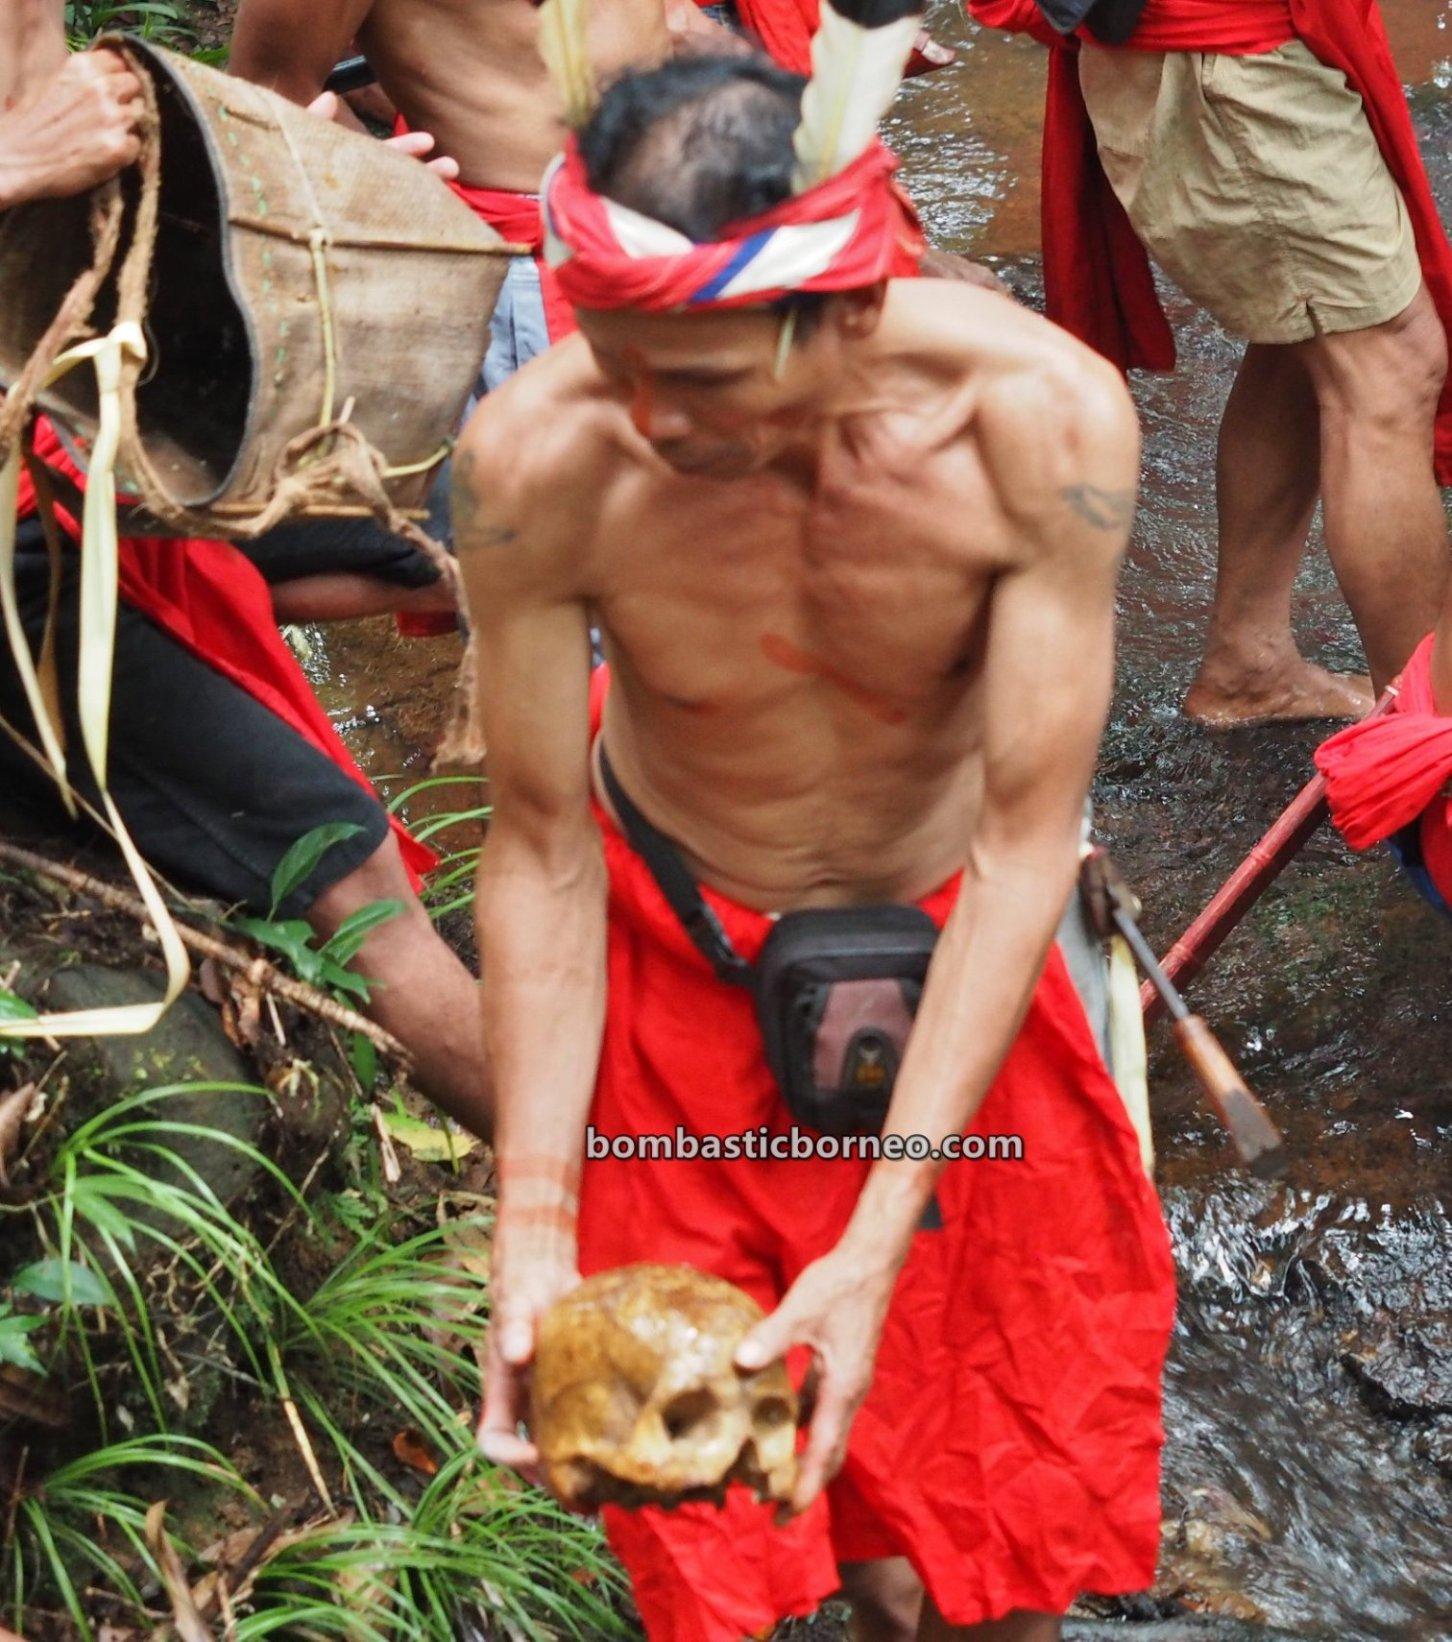 Gawai Harvest Festival, traditional, destination, budaya, Kalimantan Barat, Bengkayang, Seluas, tribal, indigenous, skull washing, Tourism, tourist attraction, ritual, 跨境婆罗洲游踪, 印尼原住民丰收节, 西加里曼丹达雅文化